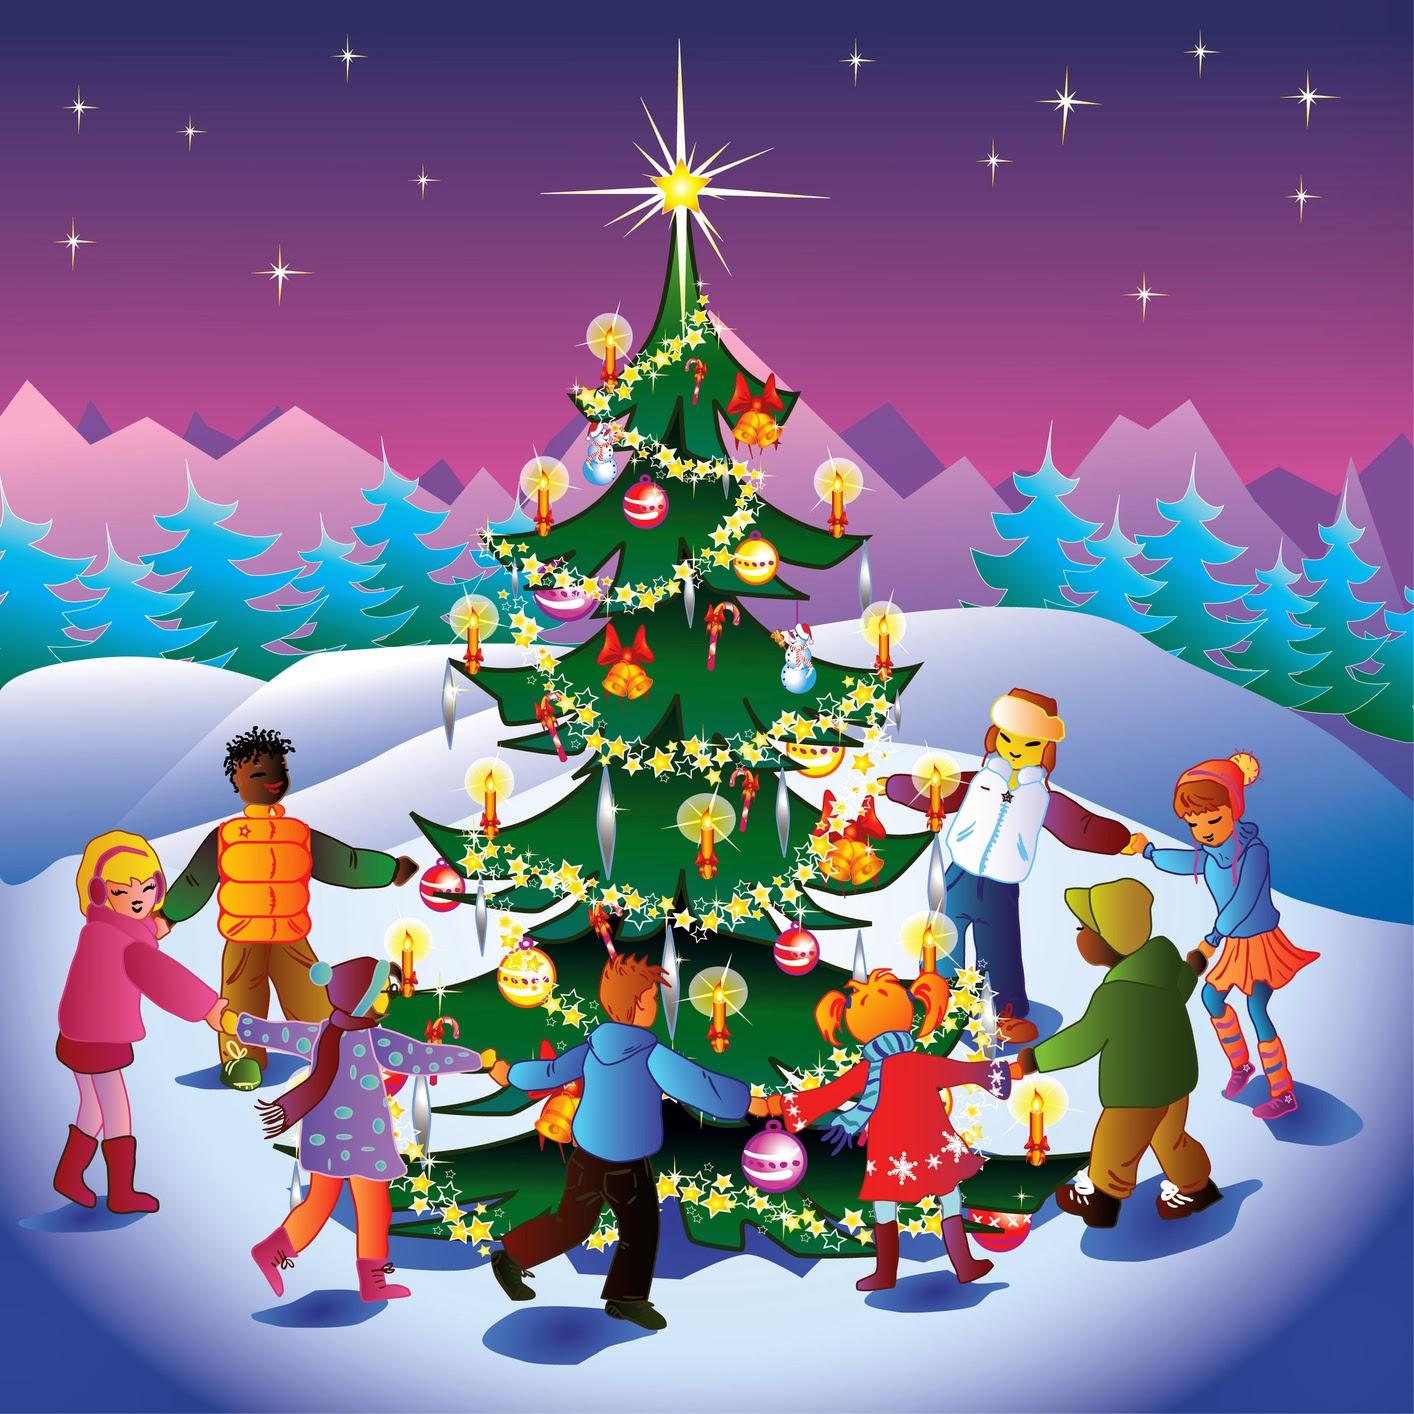 Banco de im genes familia feliz bailando alrededor del - Imagenes arbol de navidad ...